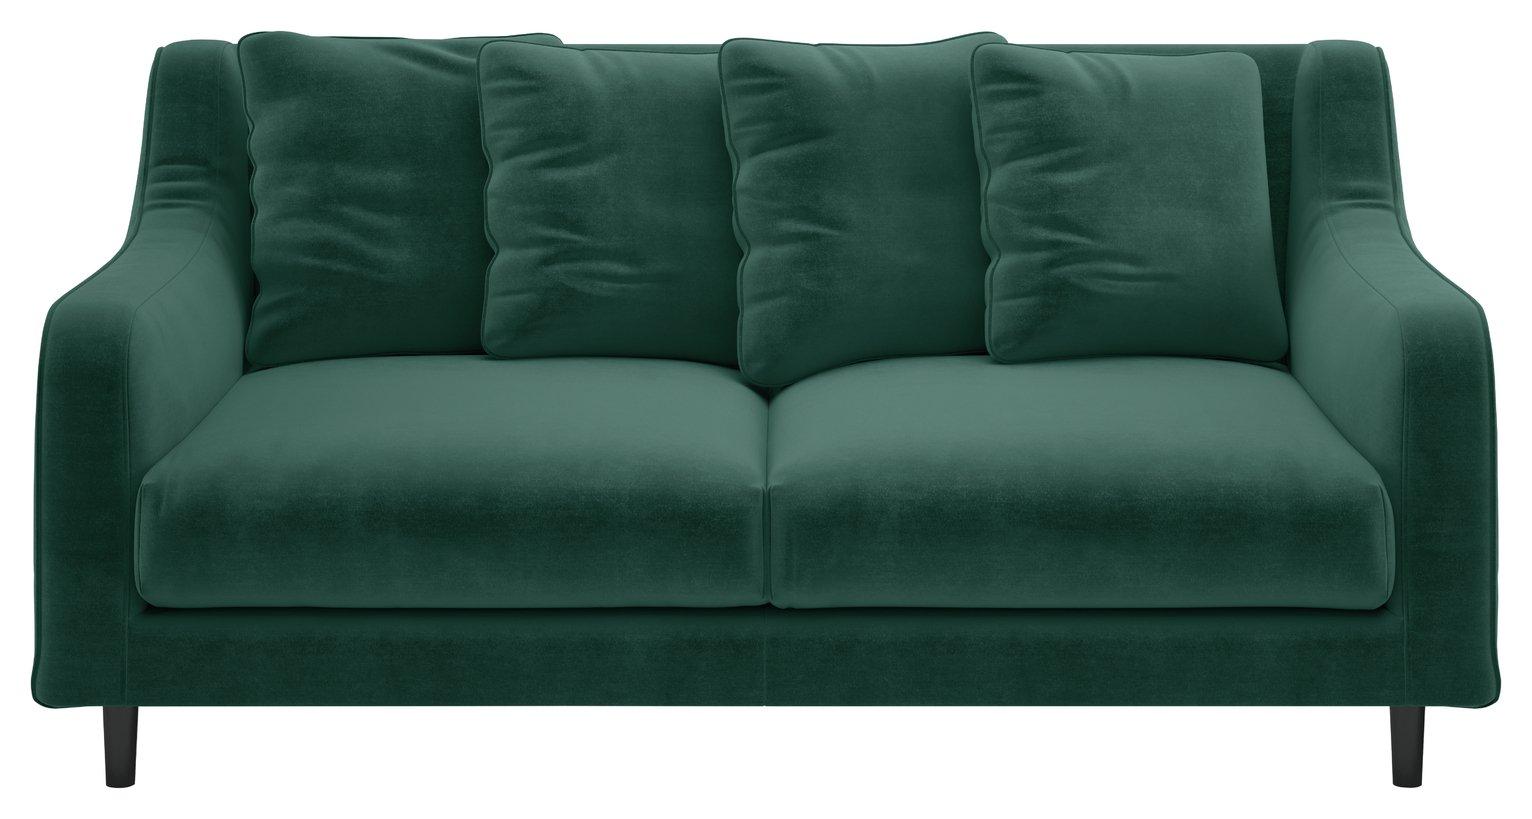 Habitat Swift 2 Seater Velvet Sofa - Emerald Green